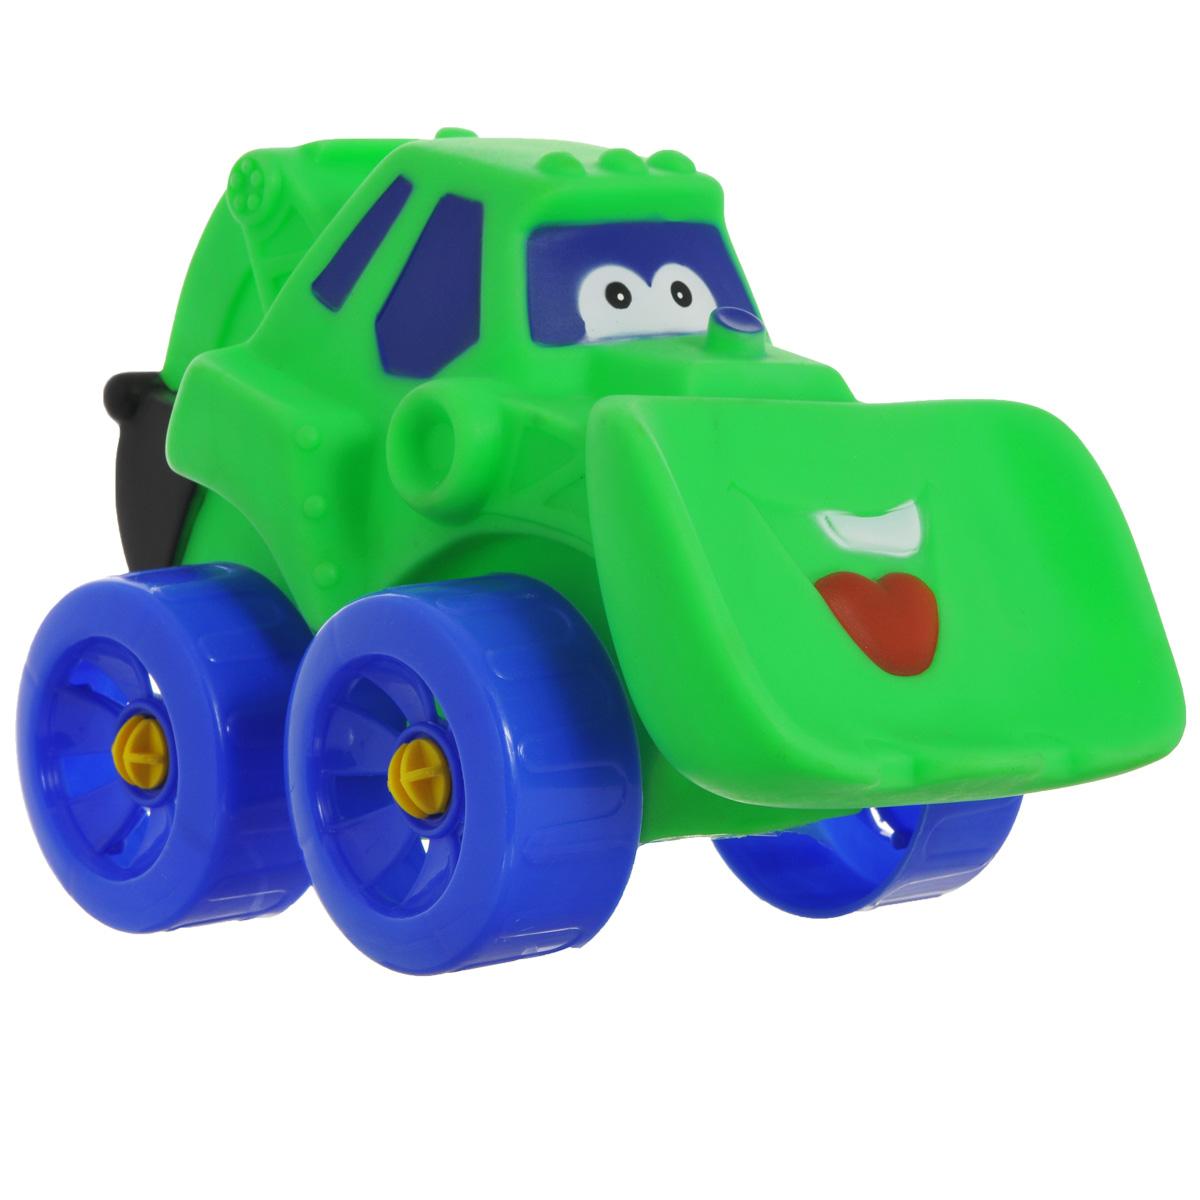 Erpa Бульдозер Tombis цвет зеленый синий660931_зеленый, синийЯркая машинка-бульдозер Erpa Tombis понравится вашему малышу. Машинка выполнена из высококачественного мягкого пластика. Большие колеса со свободным ходом обеспечивают хорошую проходимость. Такая игрушка способствует развитию у малыша тактильных ощущений, мелкой моторики рук и координации движений.